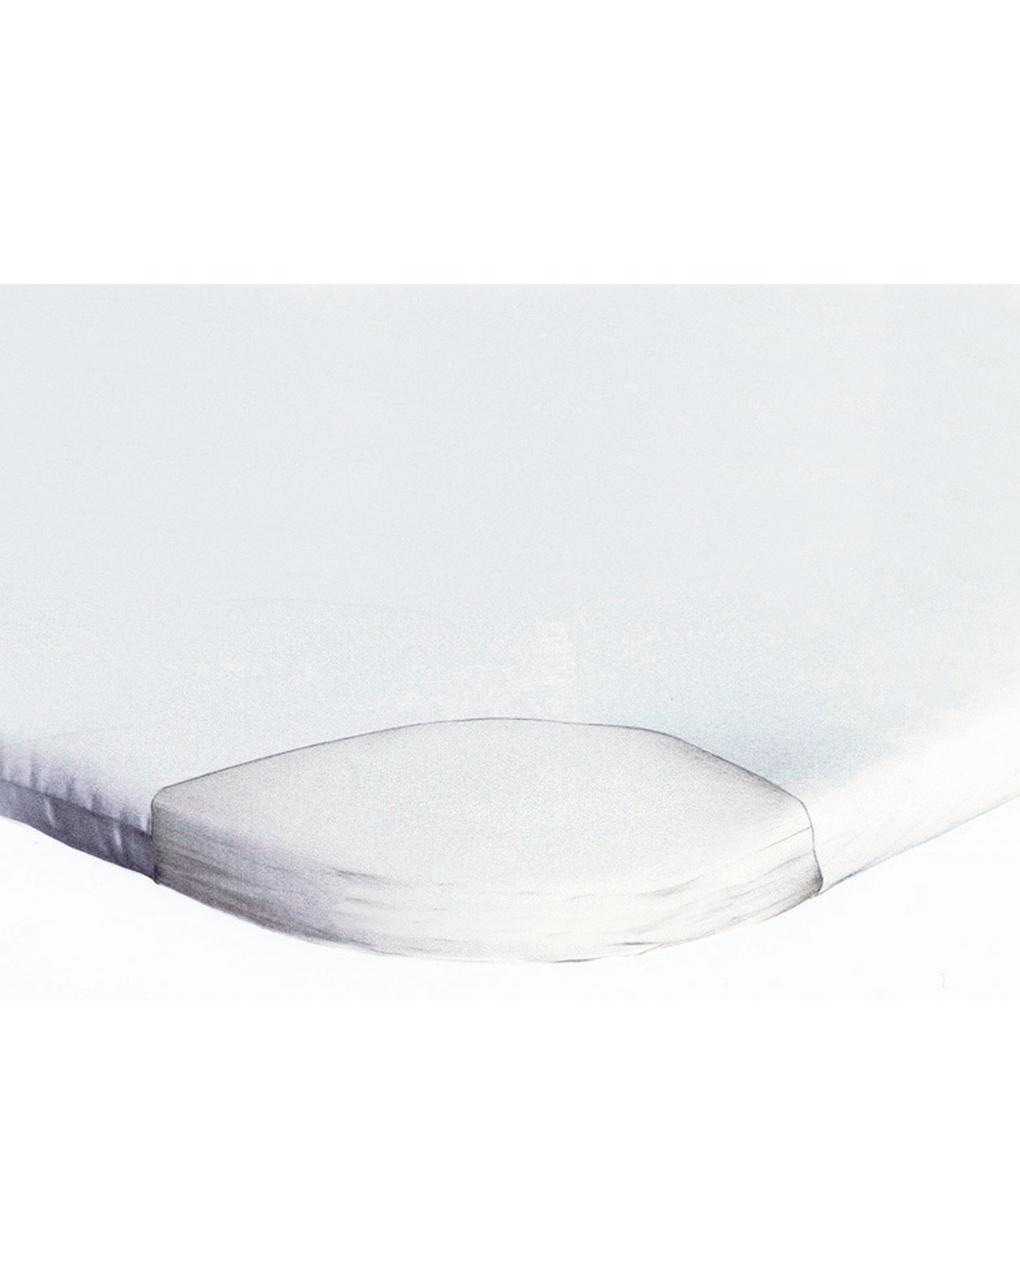 Completo materasso e cuscino in fibra per carrozzina - Giordani